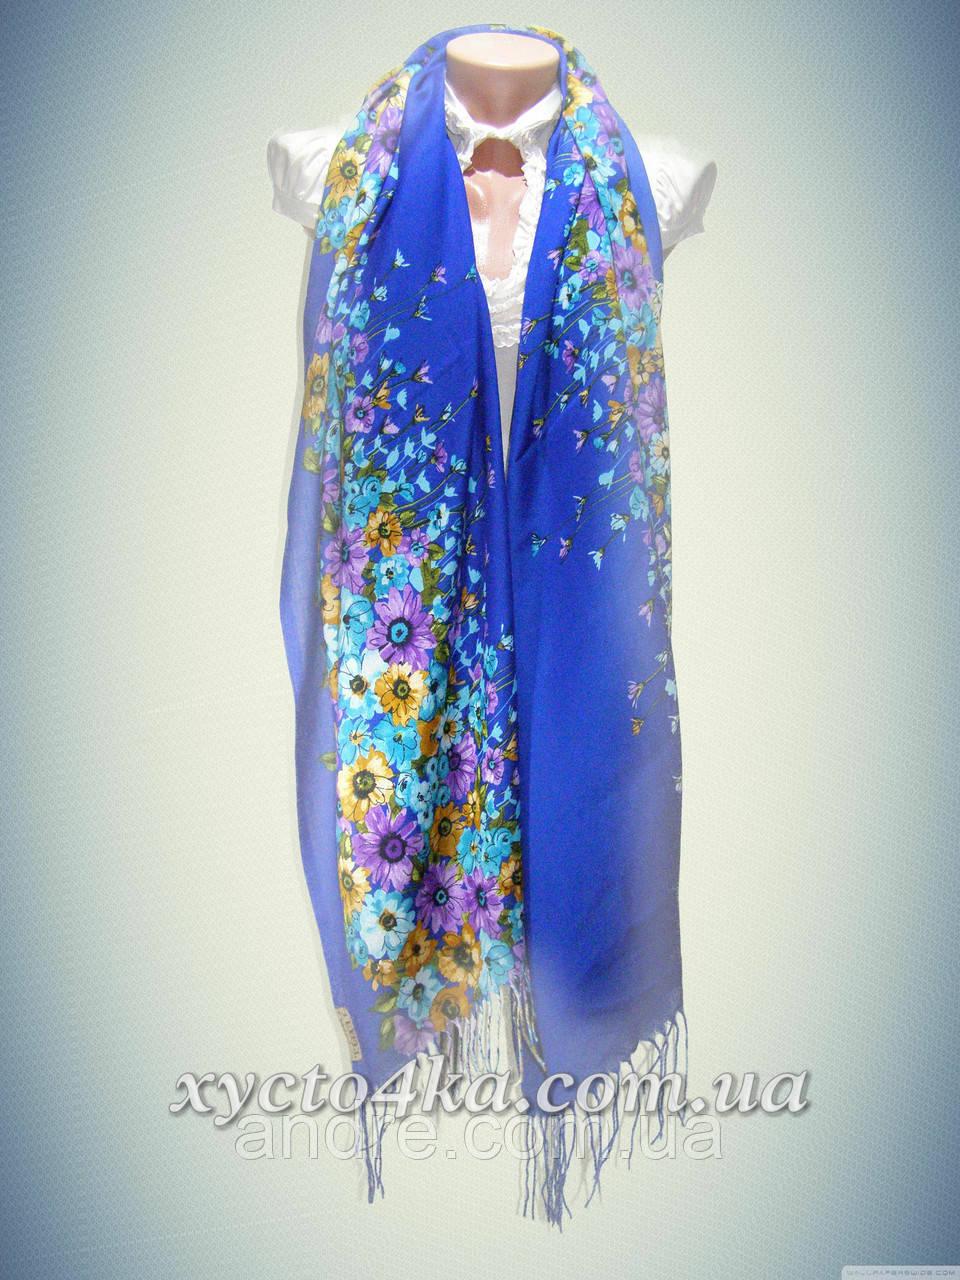 Кашемировые шарфы Пробуждение, синий